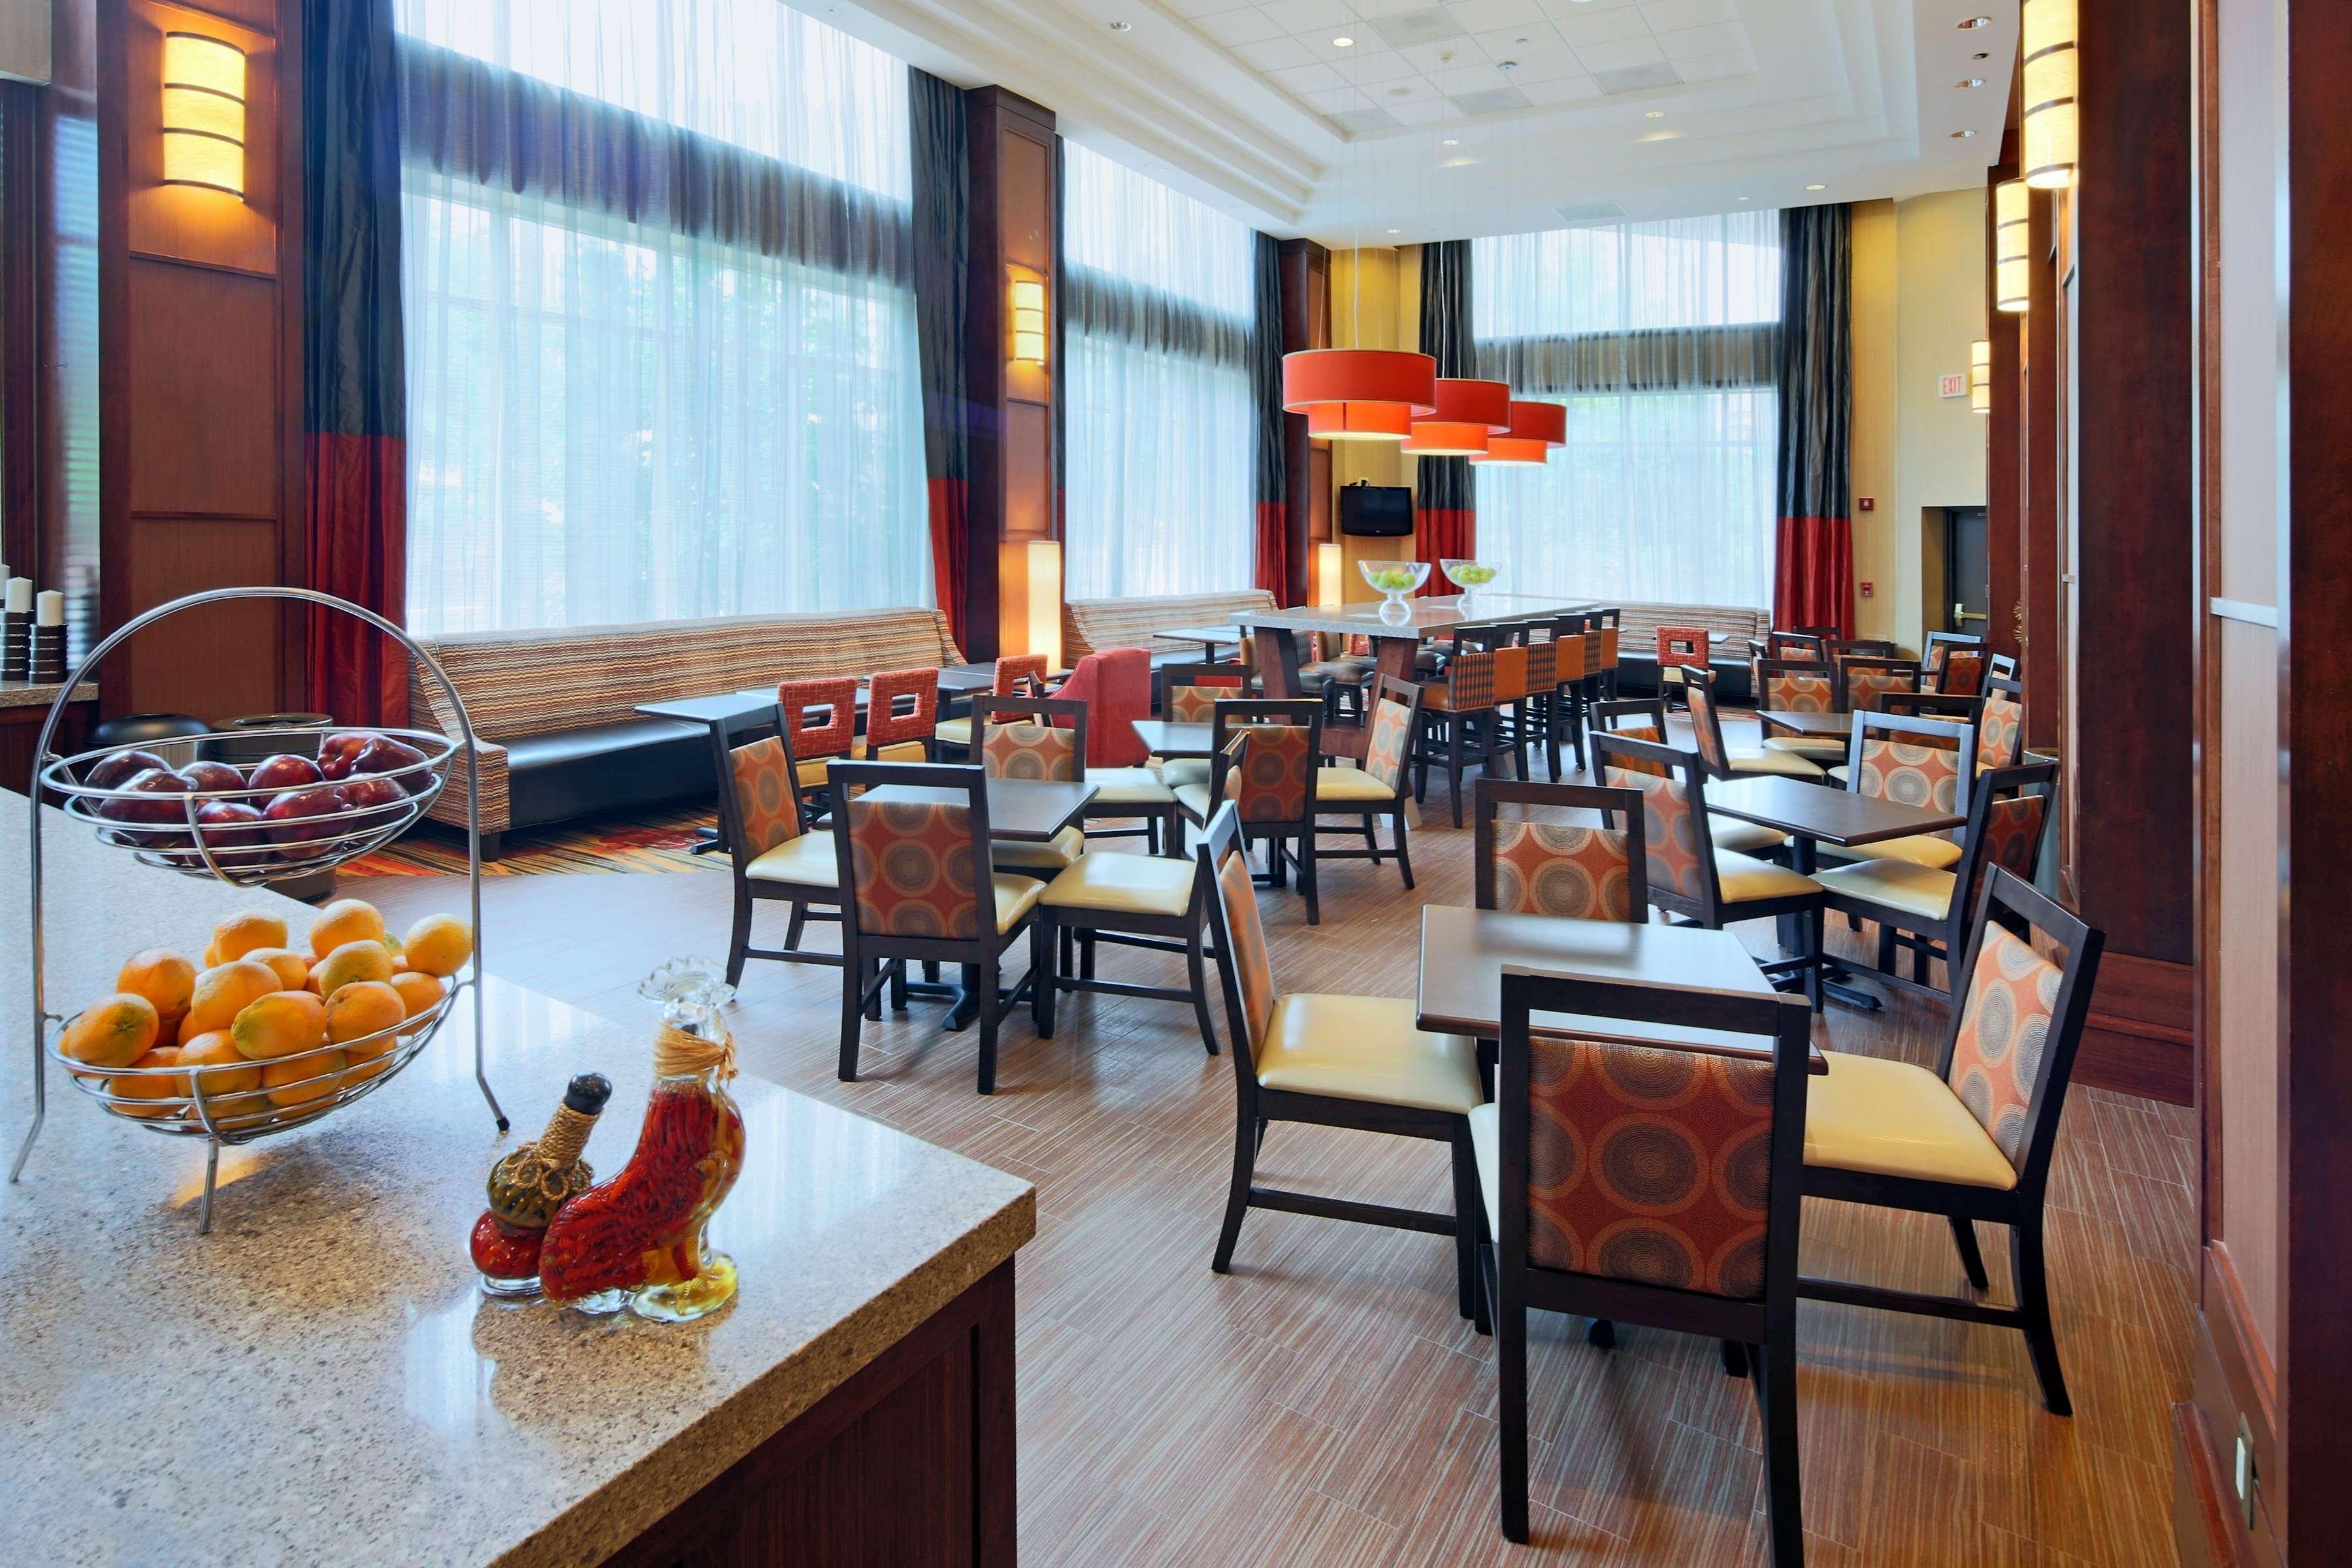 Hampton Inn & Suites Reagan National Airport image 4